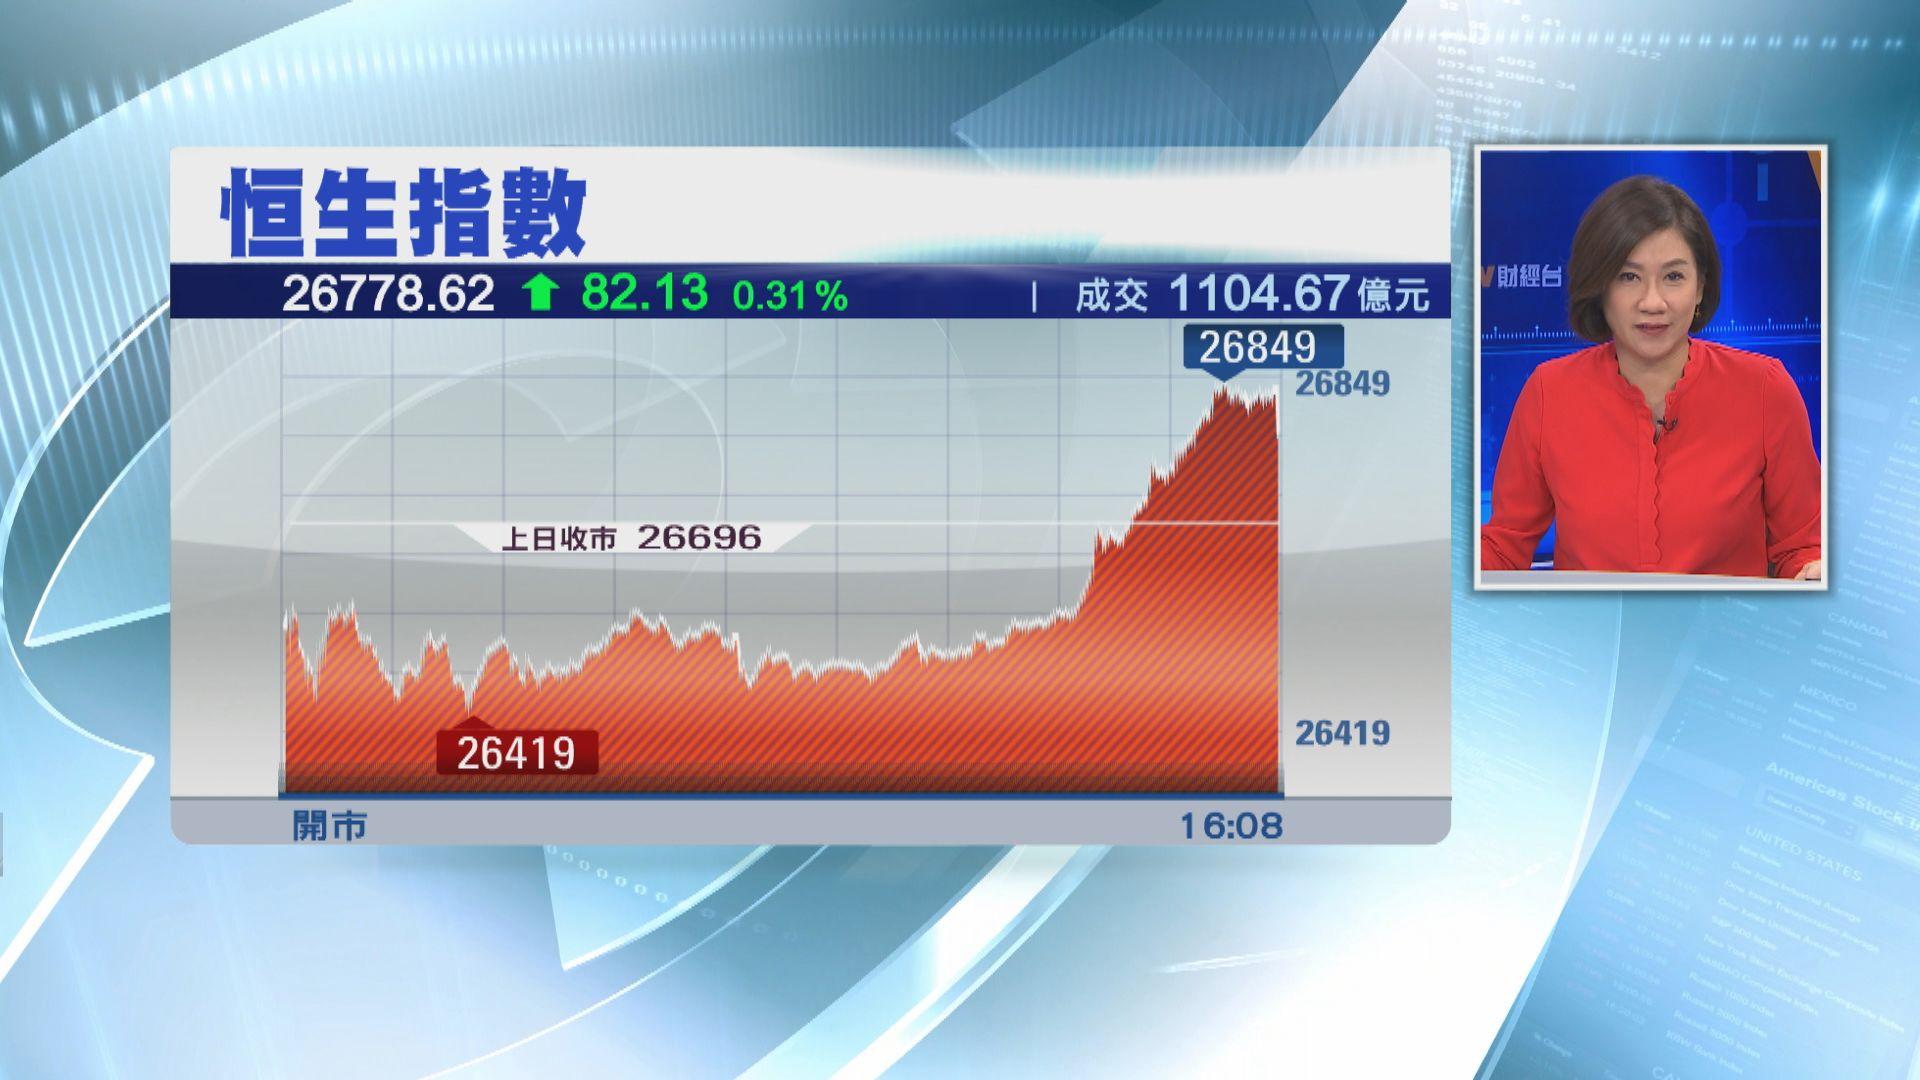 【港股收市】恒指轉升82點收市 建行、工行升約2%